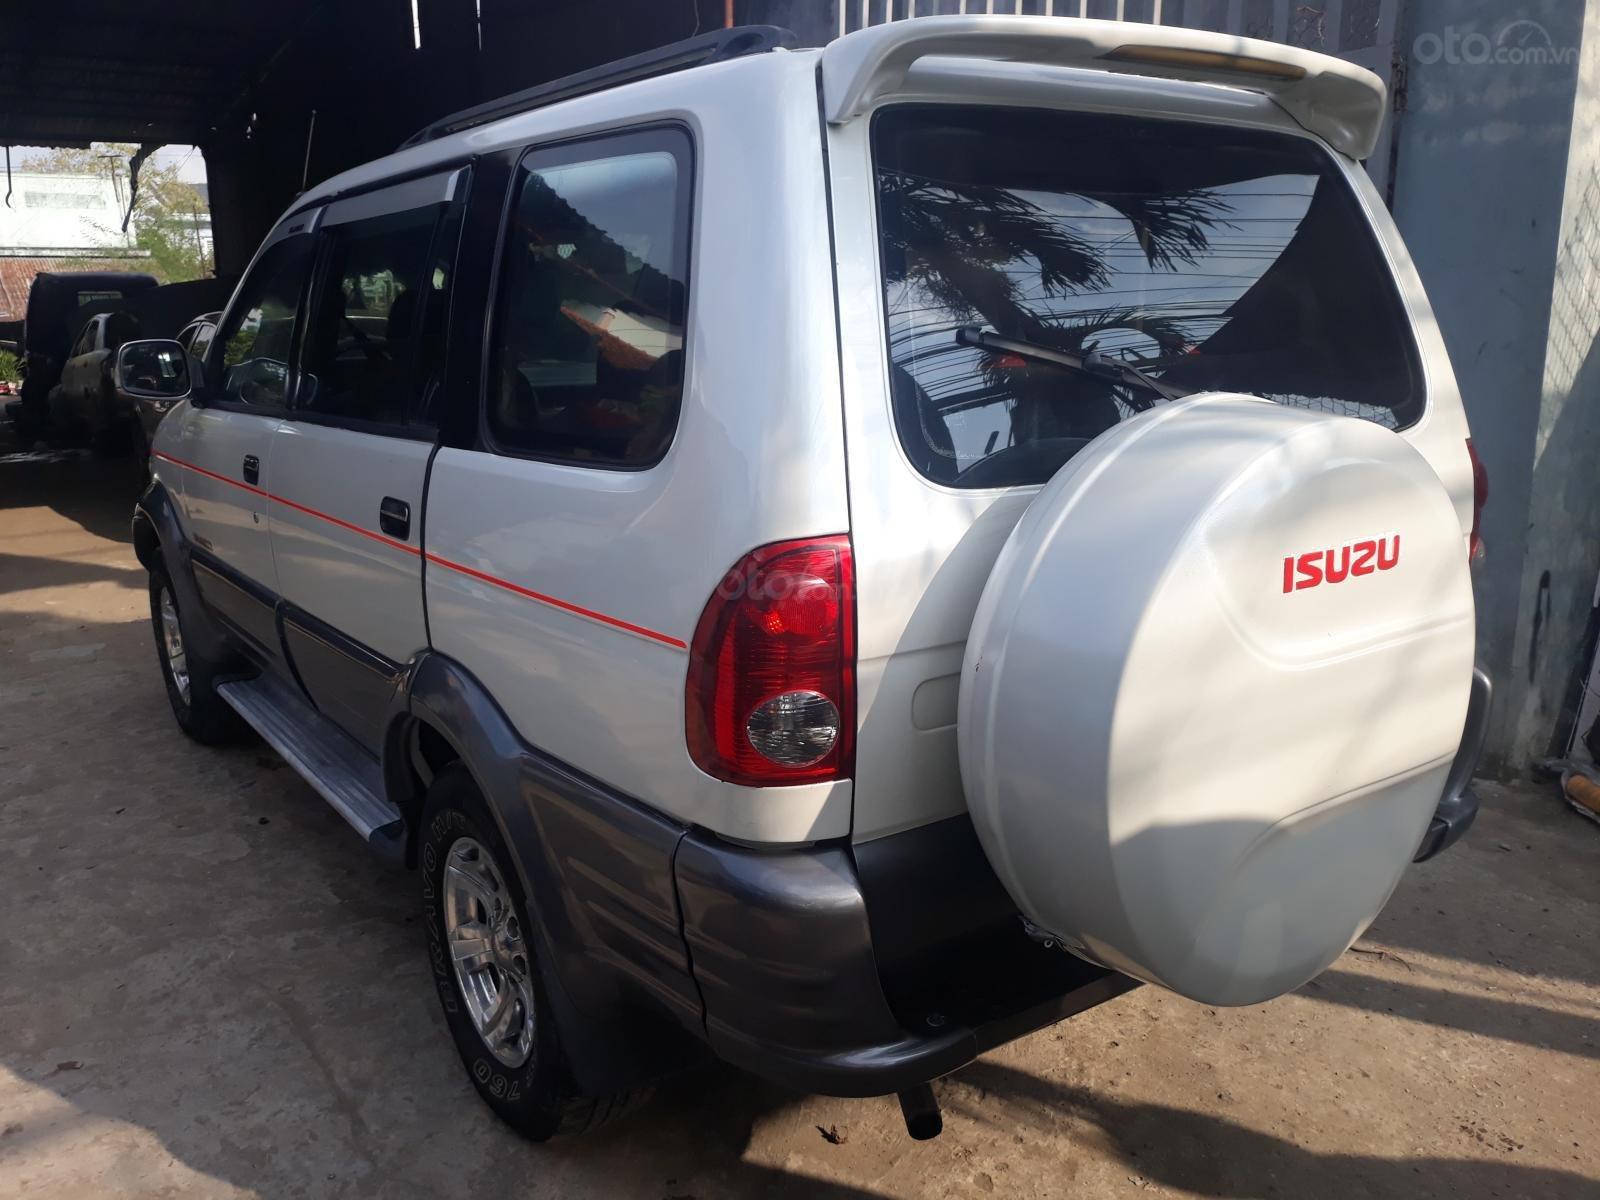 Cần bán xe Isuzu Hi lander đời 2007, màu trắng giá chỉ 250 triệu đồng (6)